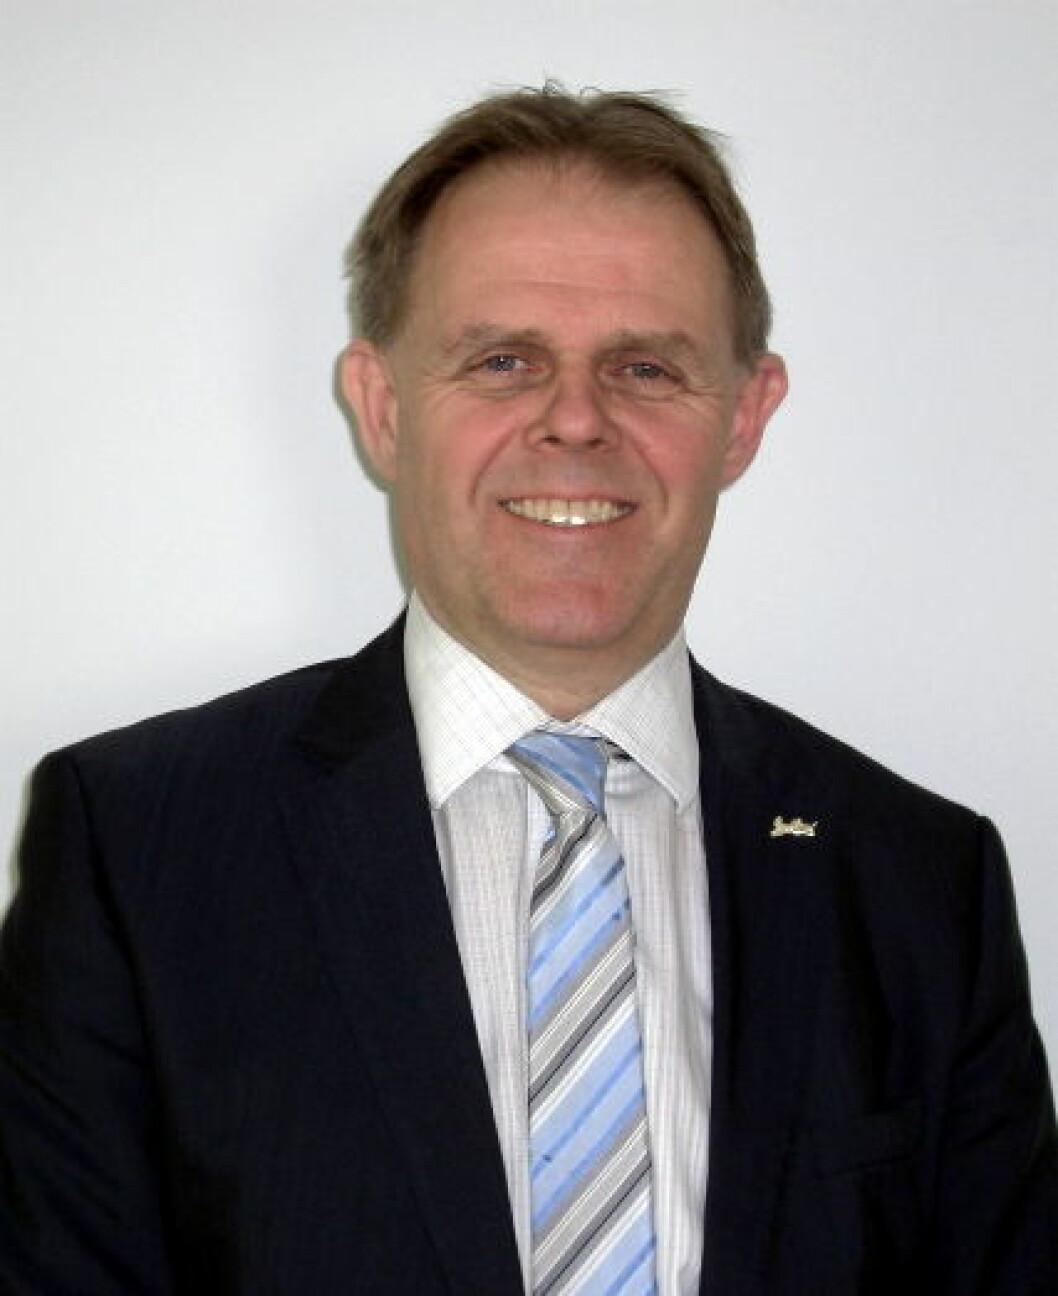 Poul-HenrikRemmerRadissonBluTromsø